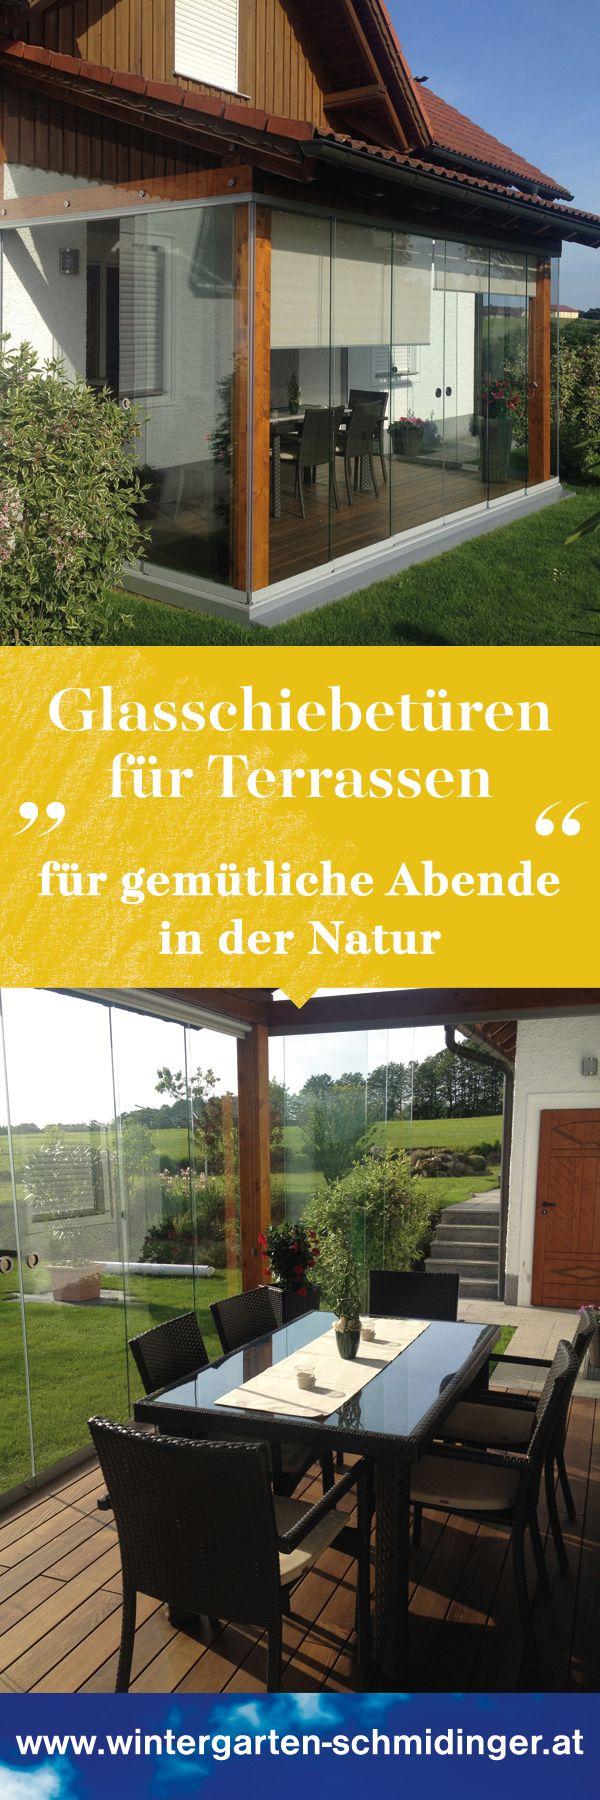 Glasschiebeelemente Terrasse Aussen Terrasse Wintergarten Einrichtung Sommergarten